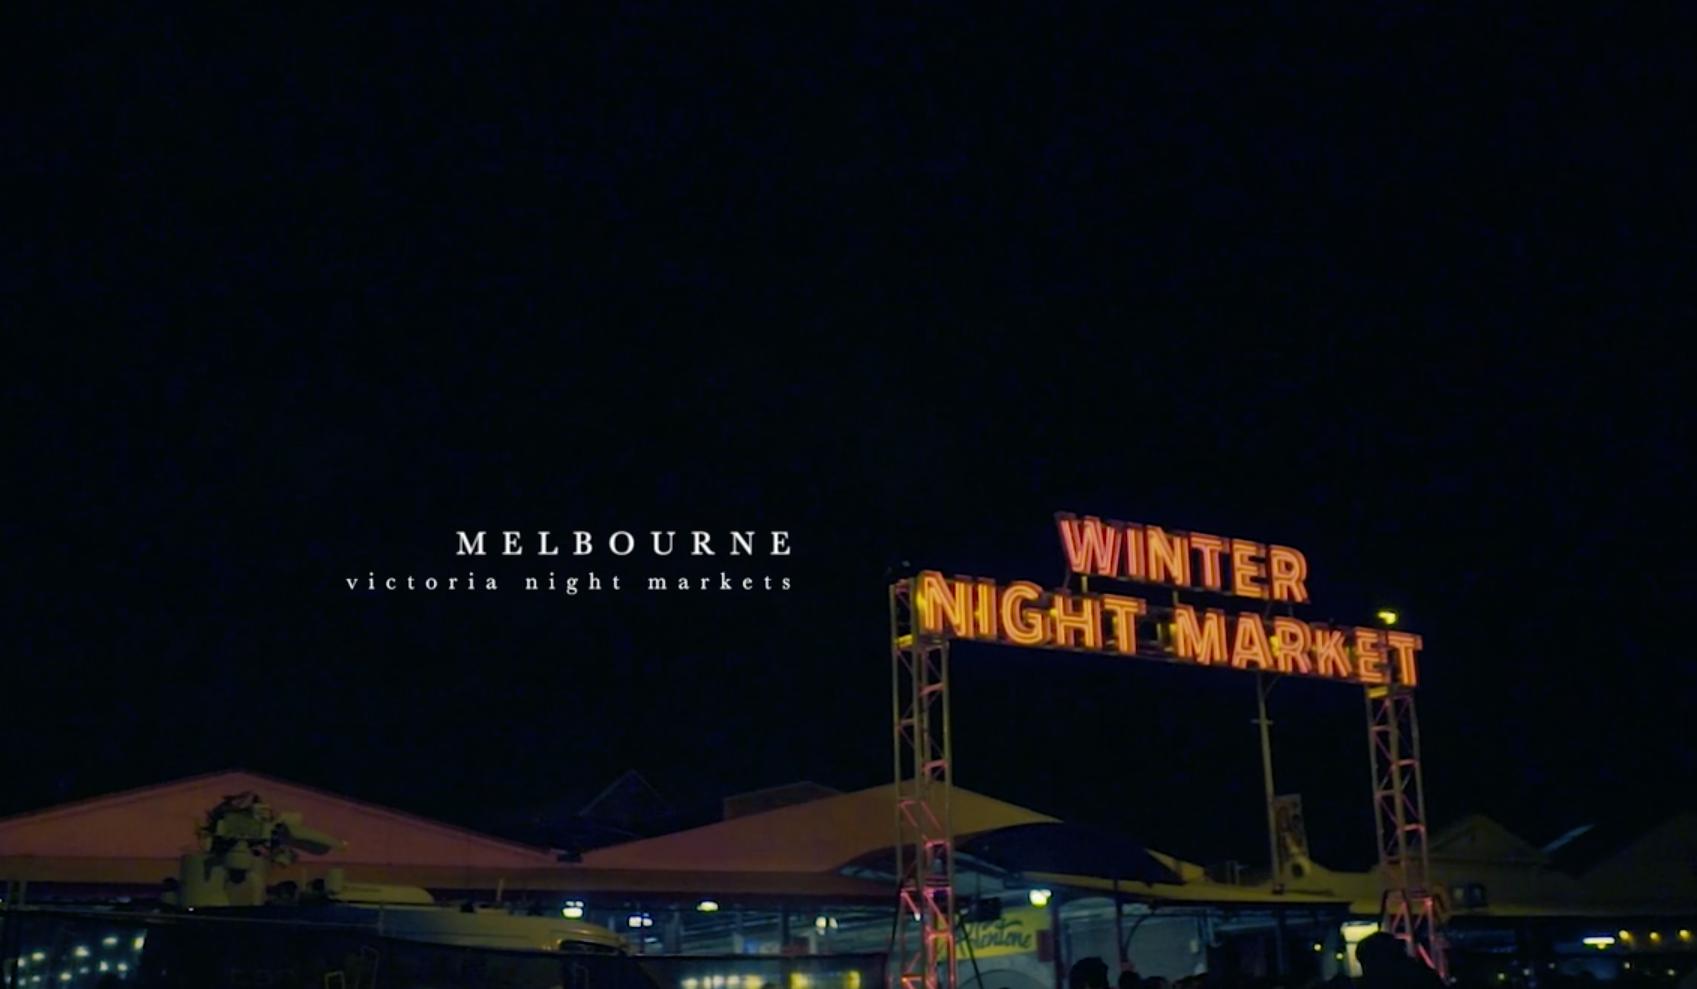 Promo film for Victoria Night Markets Melbourne